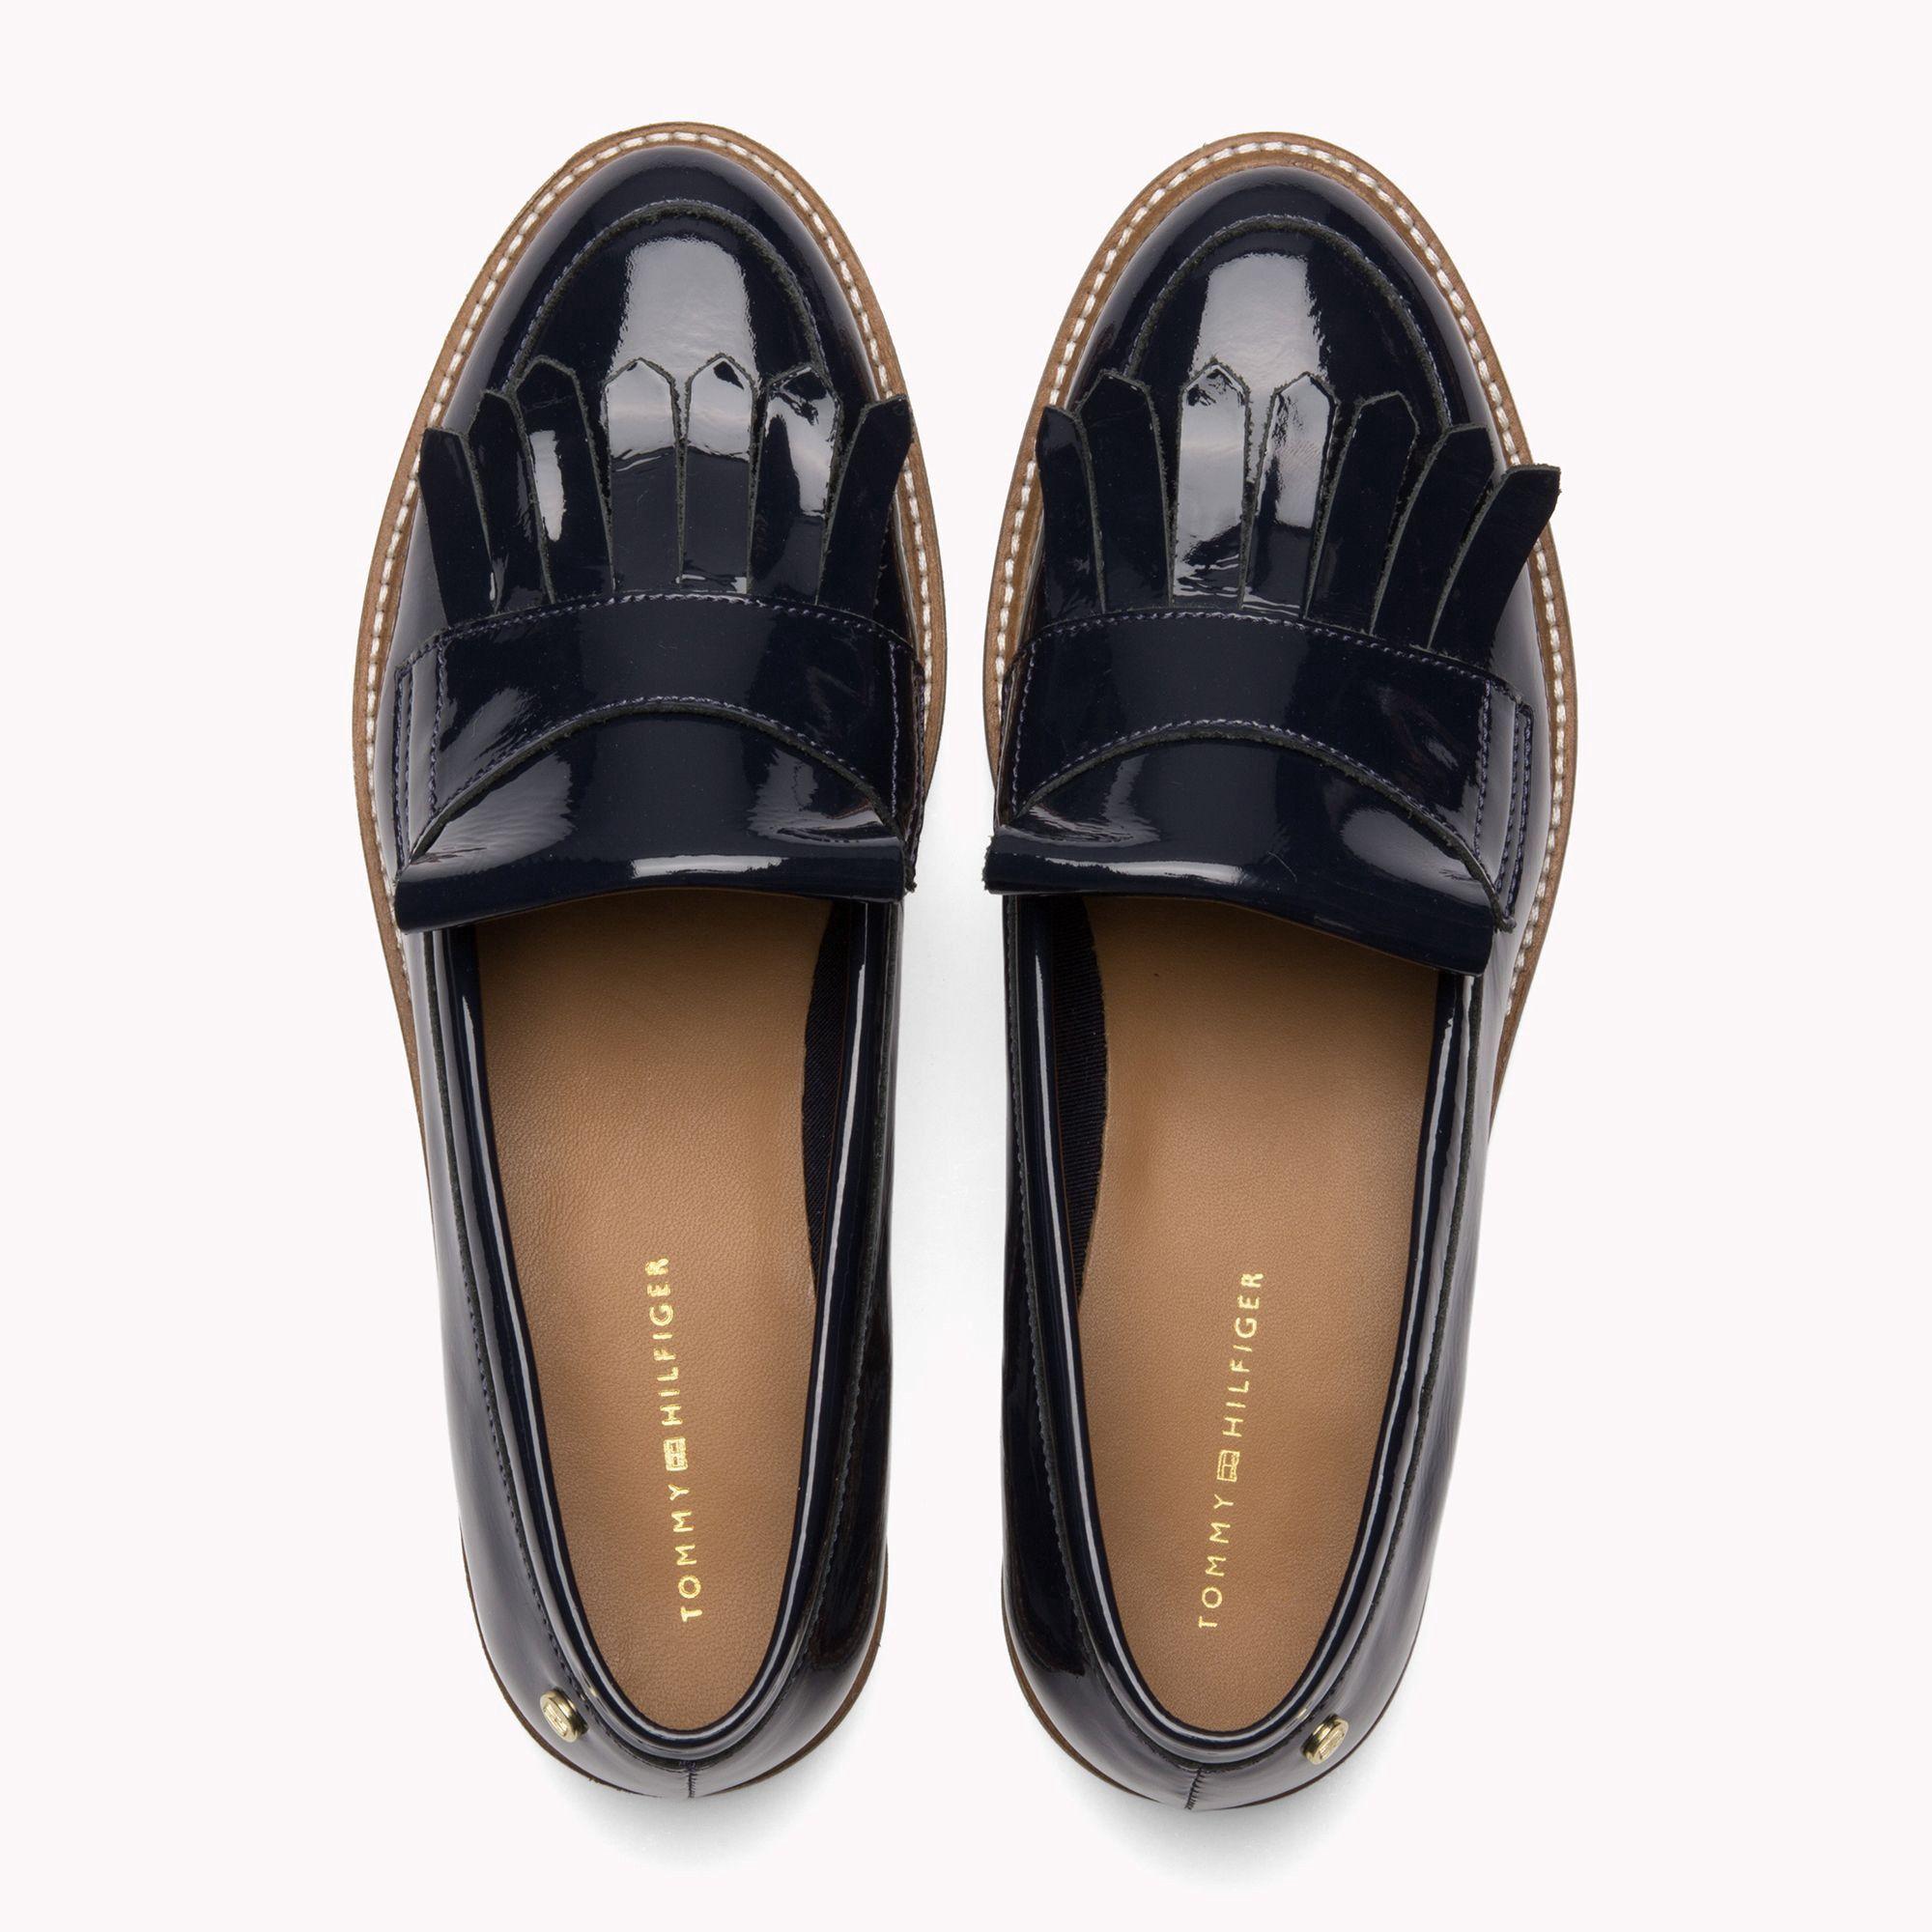 8f409950af1b Tommy Hilfiger Patent Leather Fringe Loafers - Whisper White 9.5